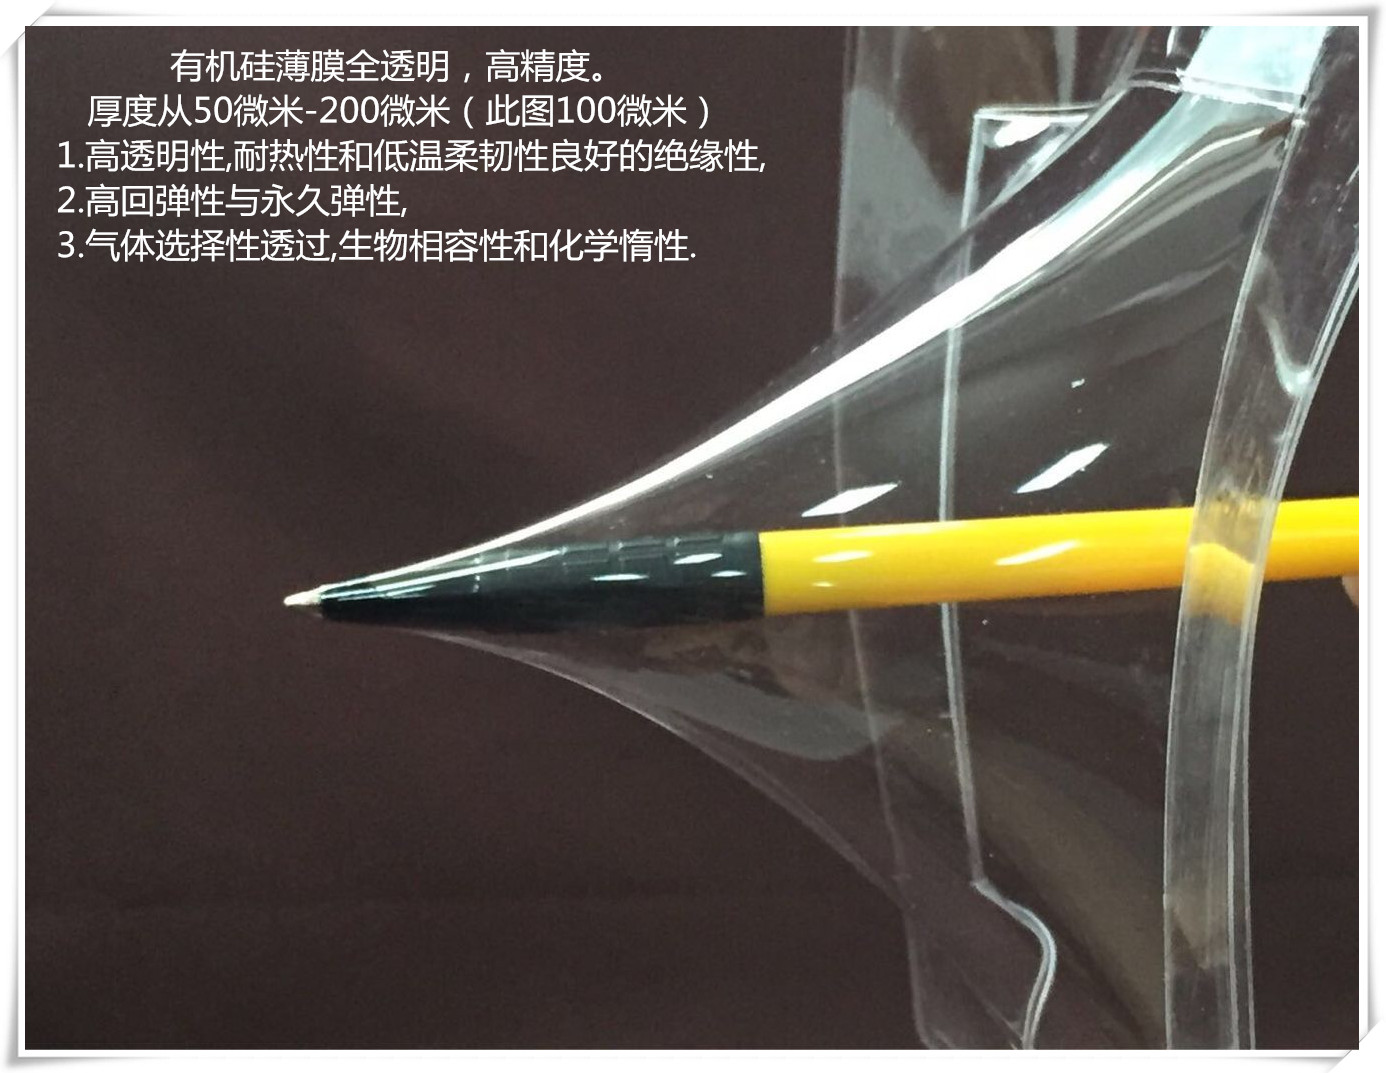 全透明加成液体硅橡胶及有机硅精密薄膜